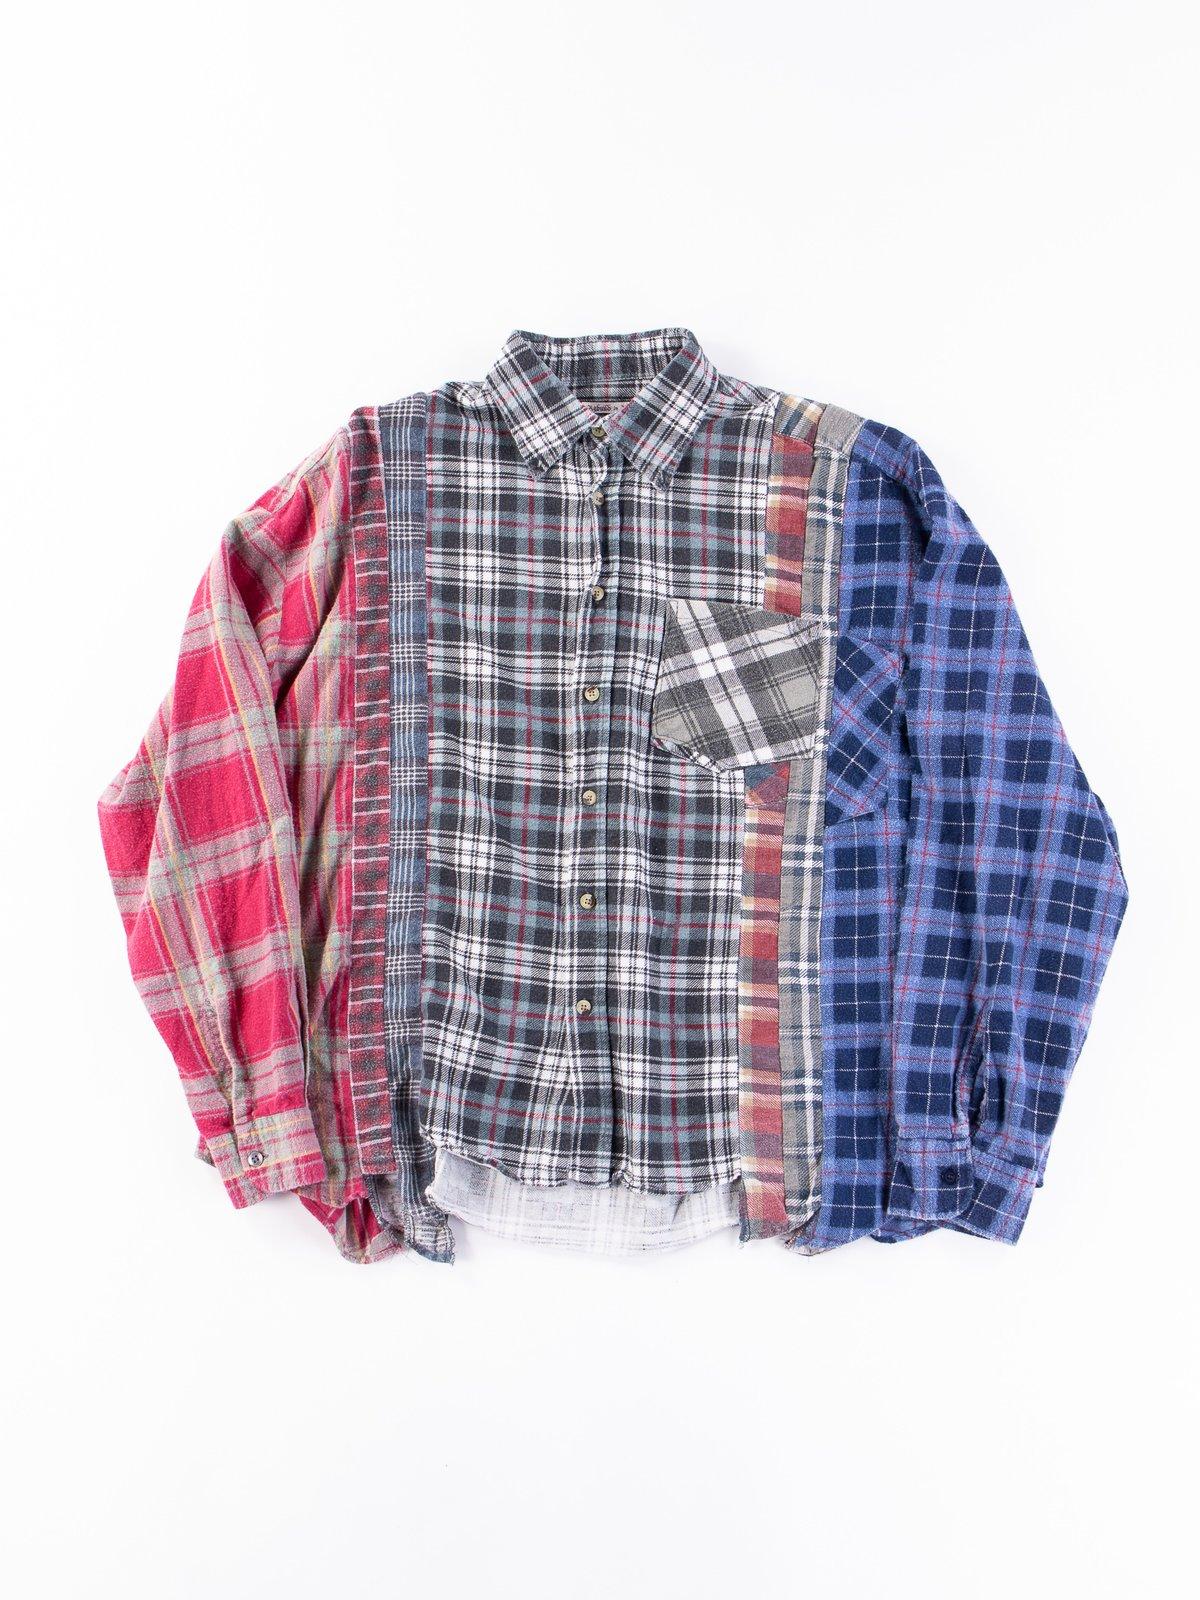 Assorted 7 Cuts Rebuild Shirt - Image 2